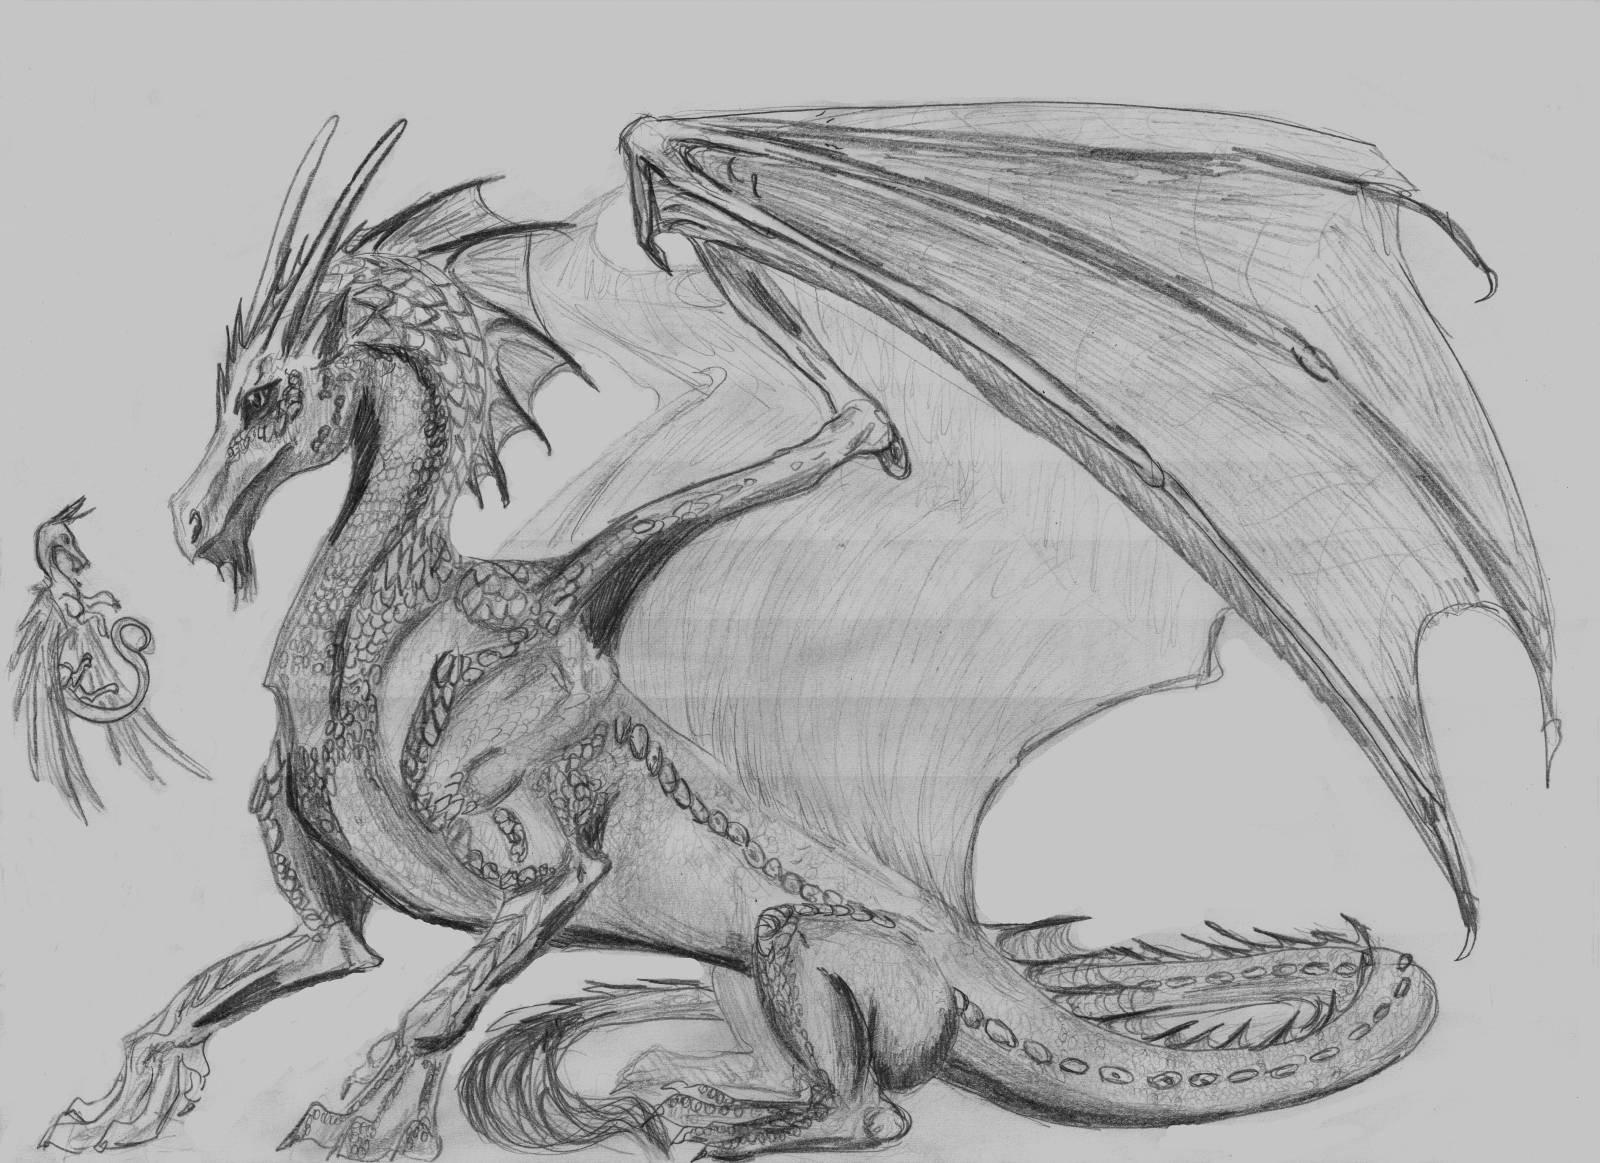 Картинки сериалу, картинки красивые драконы нарисованные